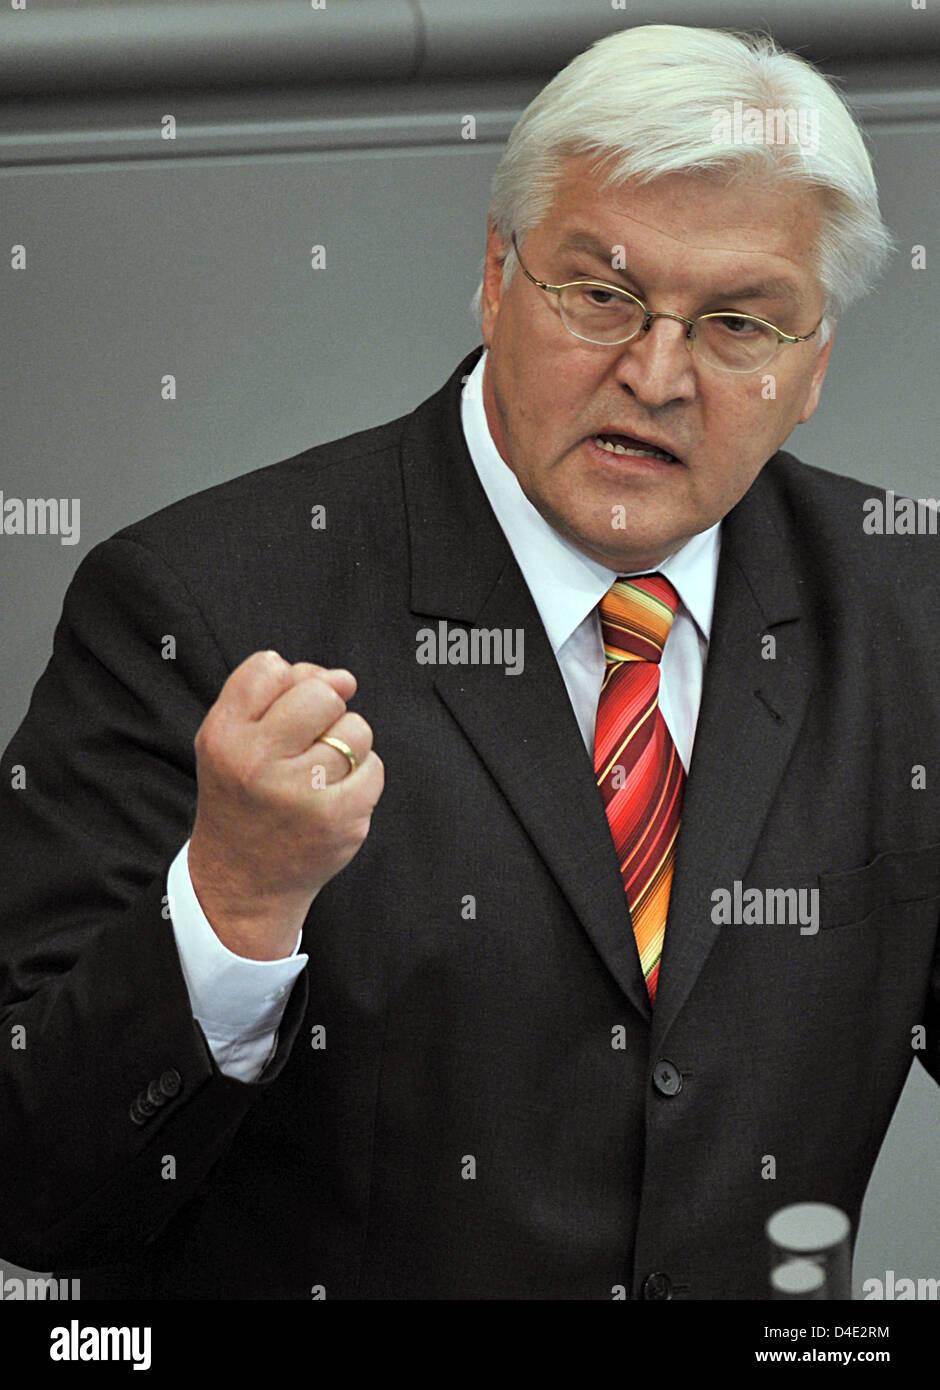 El Ministro de Relaciones Exteriores alemán, Frank-Walter Steinmeier pronuncia un discurso durante una audiencia especial del Bundestag Alemán en Berlín, Alemania, 07 de octubre de 2008. Gabinete federal alemán ha llegado a un acuerdo sobre la extensión de 14 meses del mandato de Afganistán y un despliegue adicional de 1.000 soldados, la numeración 4.500 en total. La decisión aún no ha sido ratificado por el Bundestag alemán. Foto Foto de stock